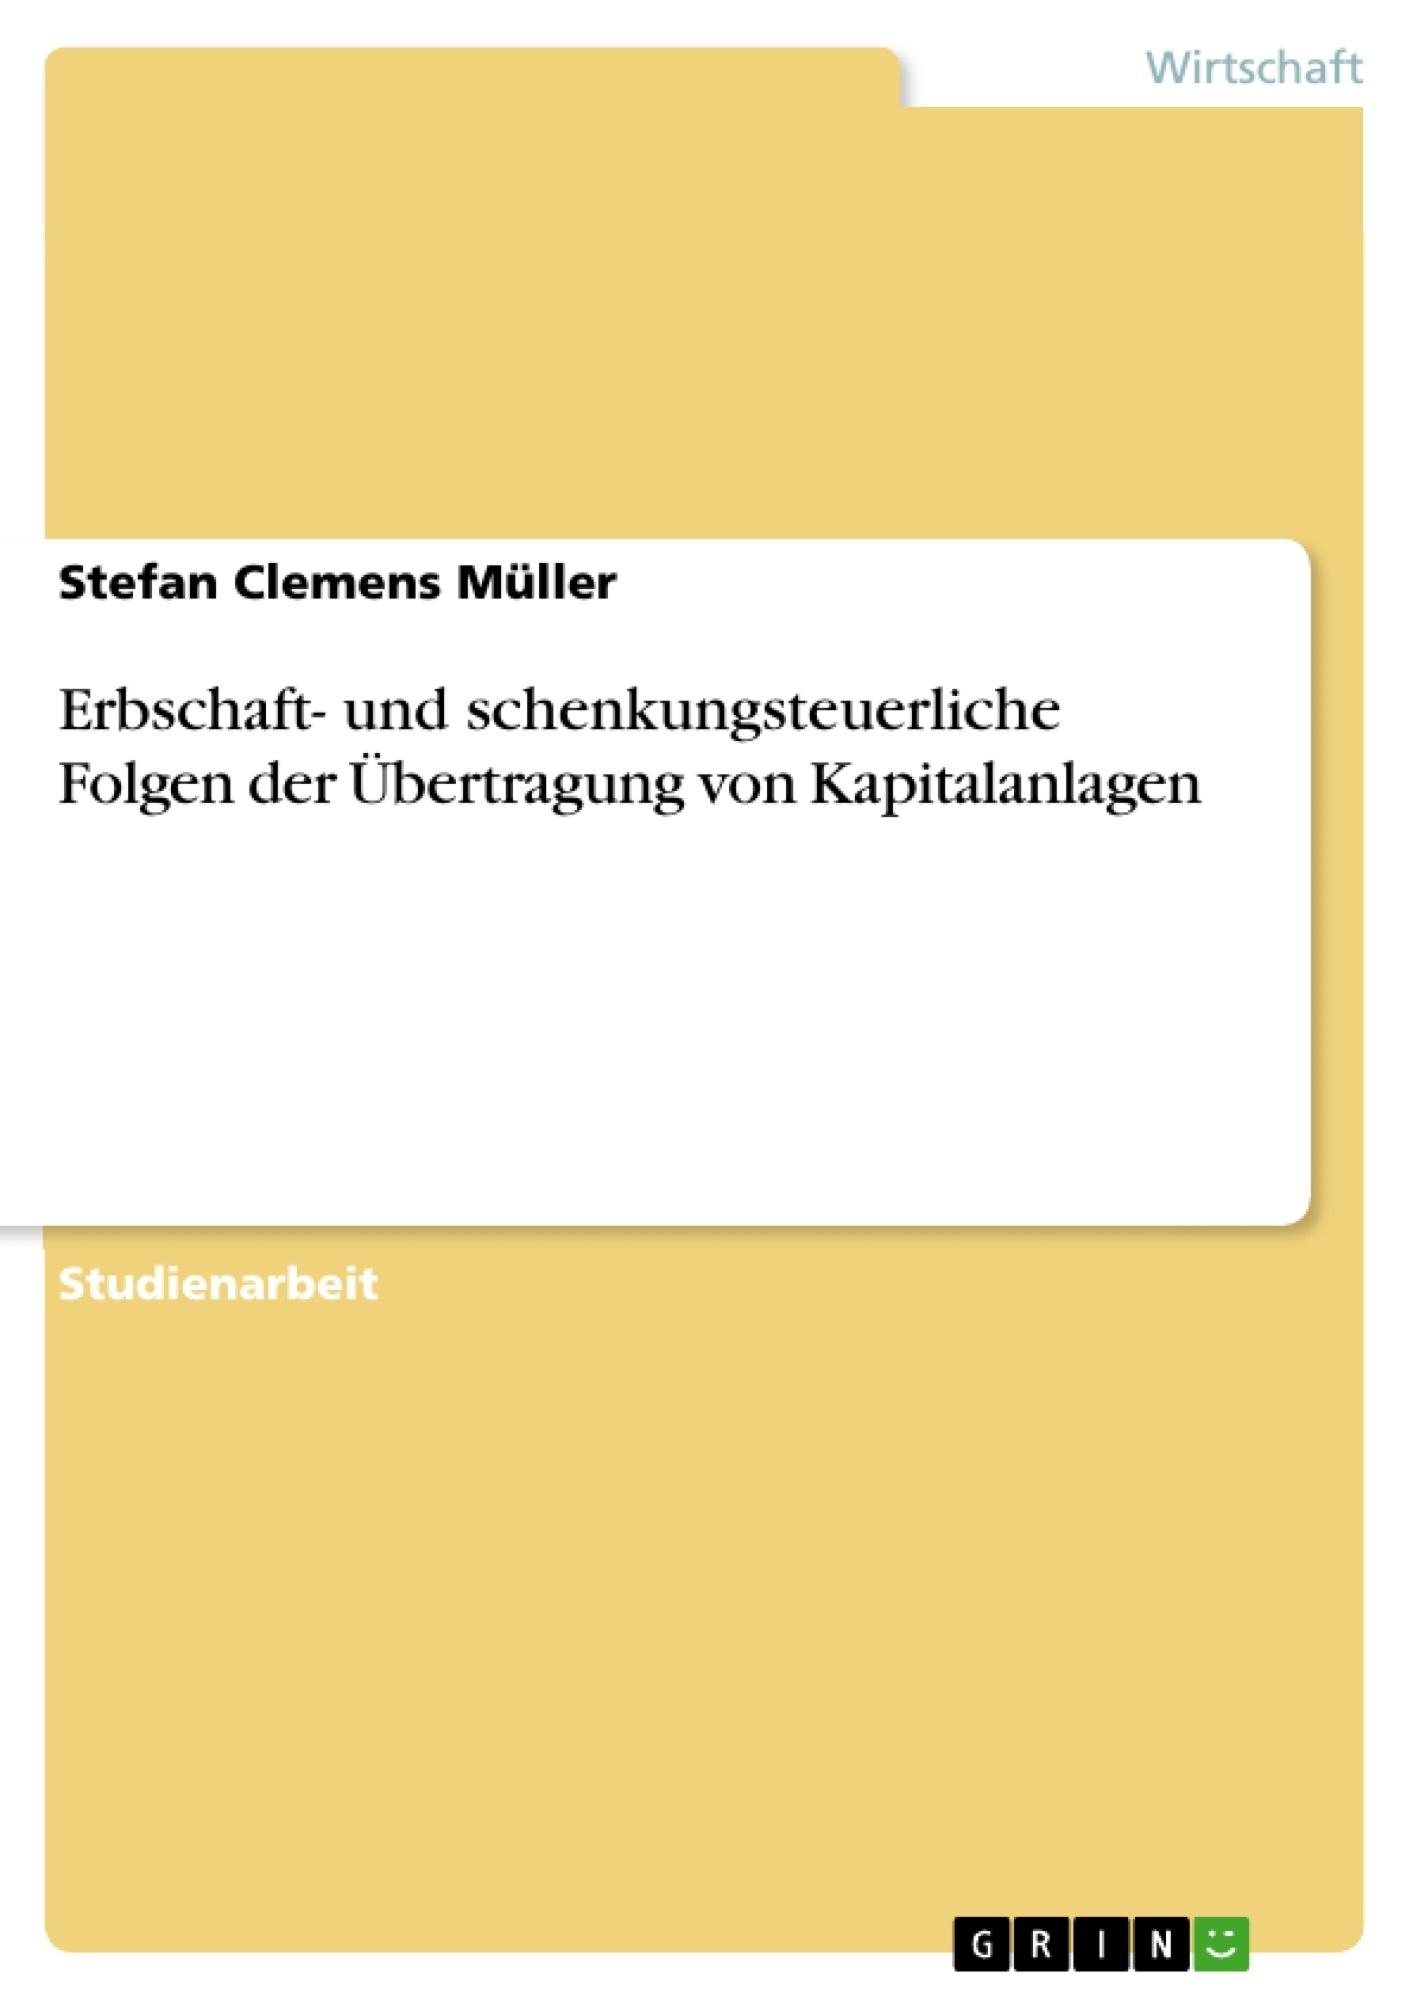 Titel: Erbschaft- und schenkungsteuerliche Folgen der Übertragung von Kapitalanlagen